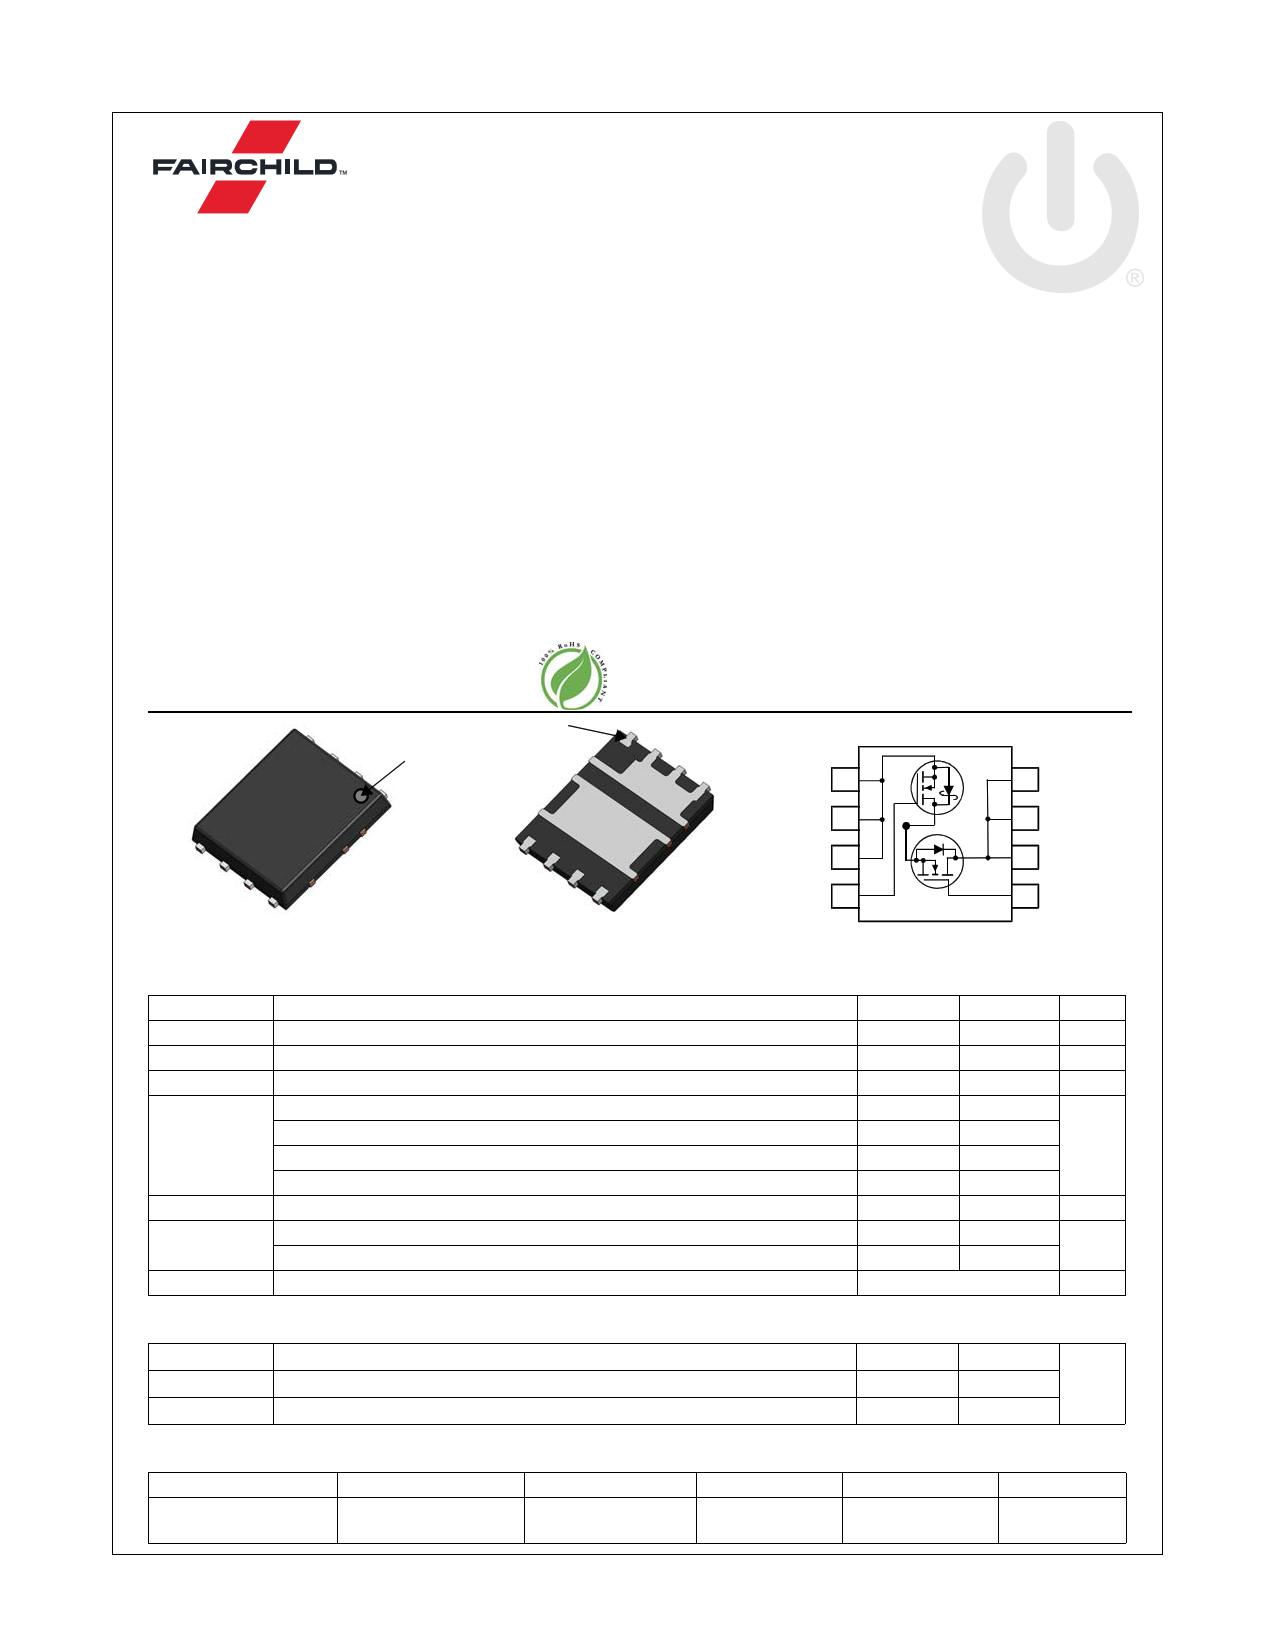 FDMS3664S 데이터시트 및 FDMS3664S PDF